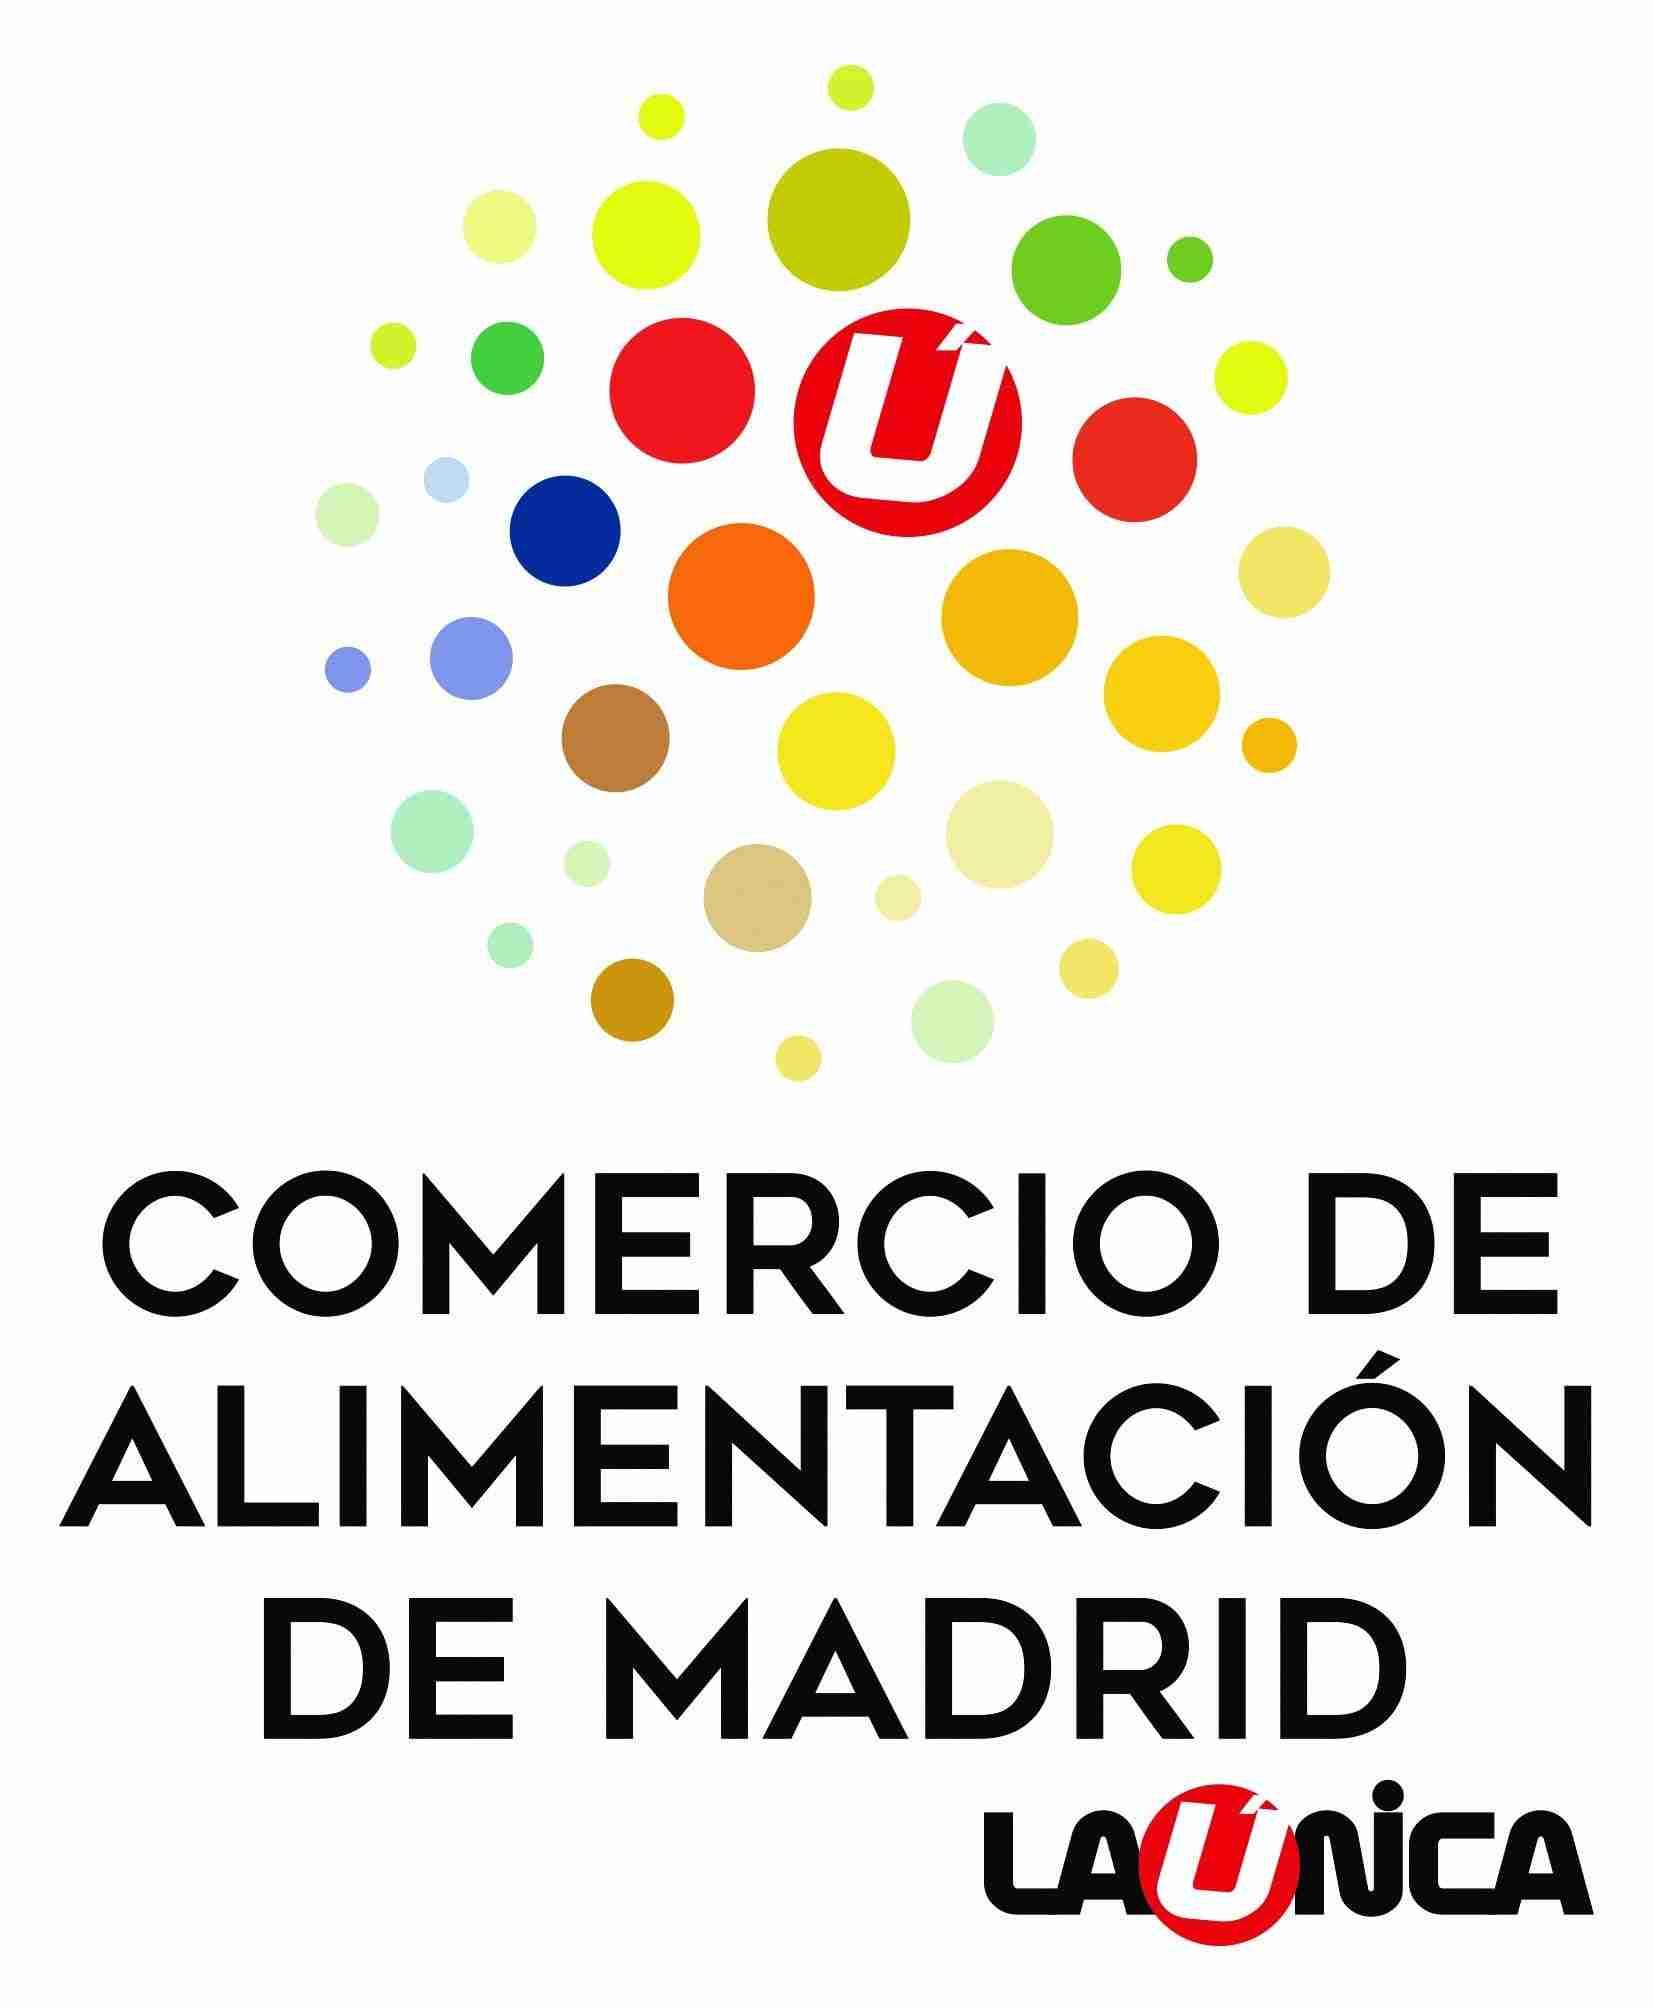 """El comercio de alimentación de Madrid se preocupa por el """"relevo generacional"""" mientras se moderniza 1"""